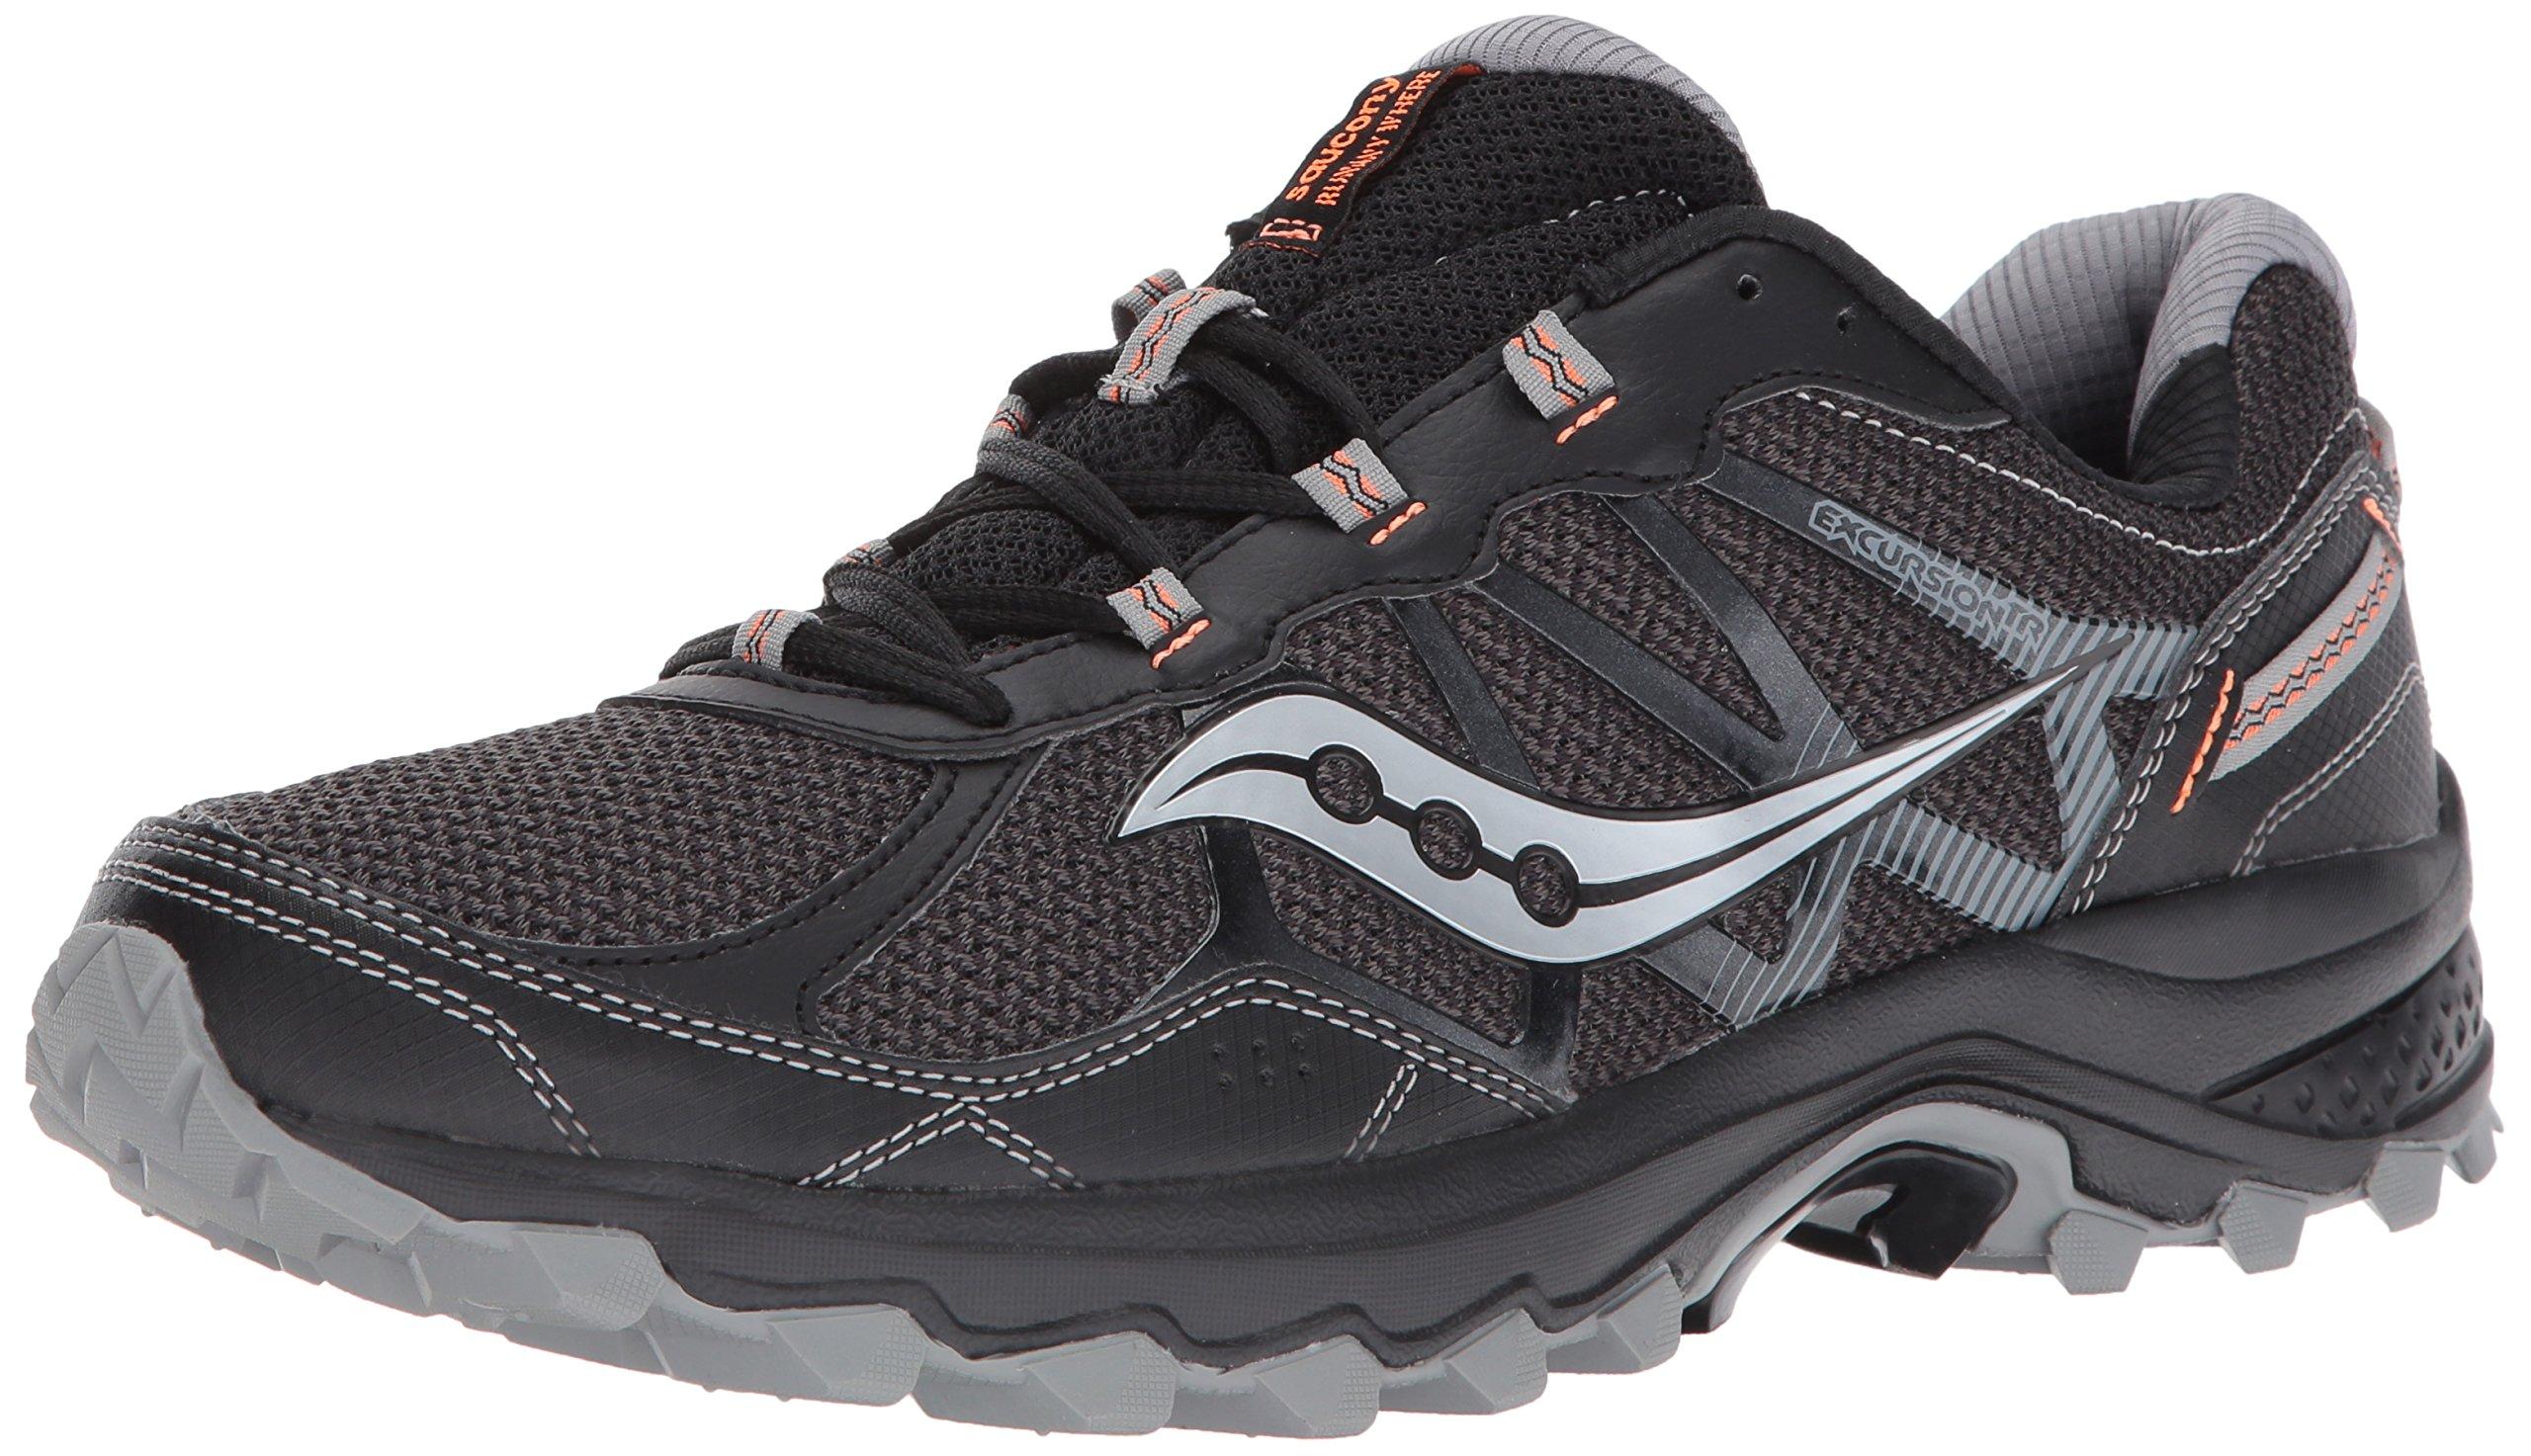 Saucony Men's Excursion TR11 Running Shoe, Black Orange, 7 Medium US